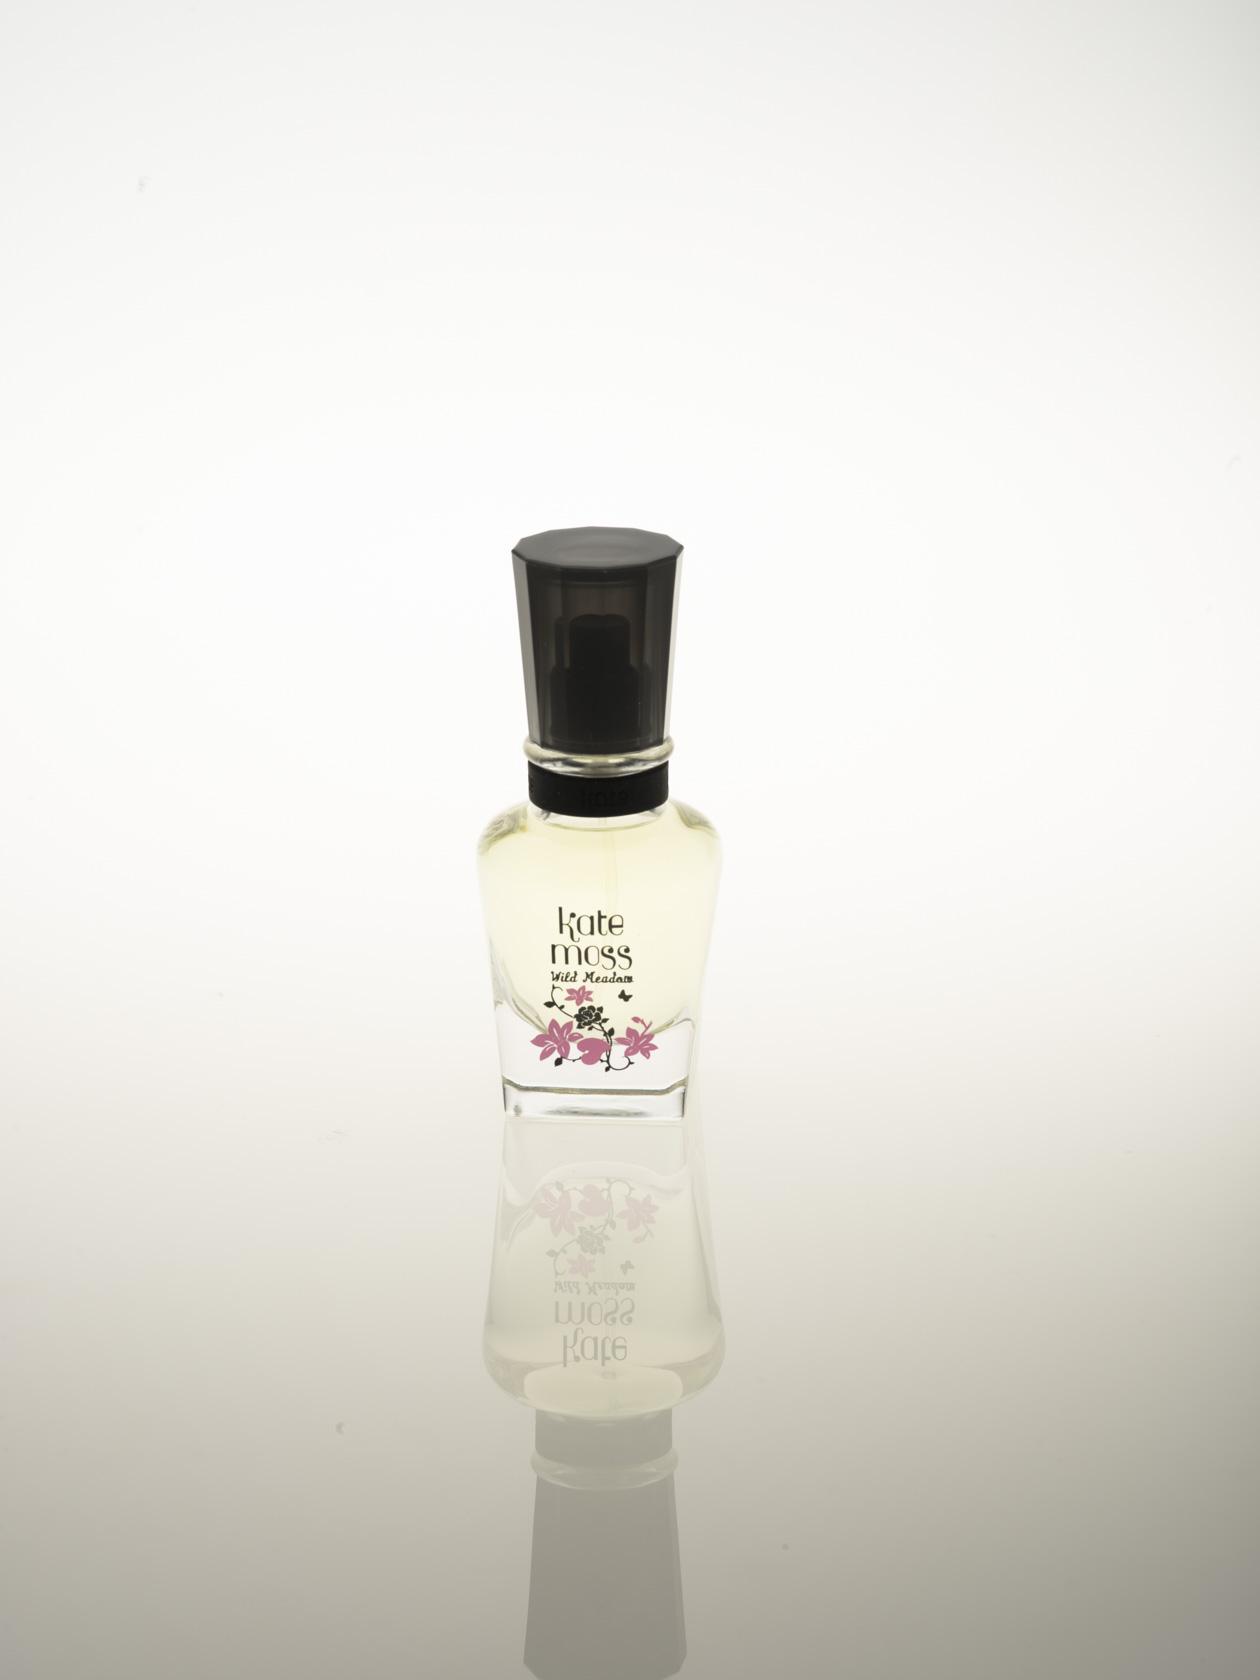 香水含自然倒影(現場拍攝無後製呈現)